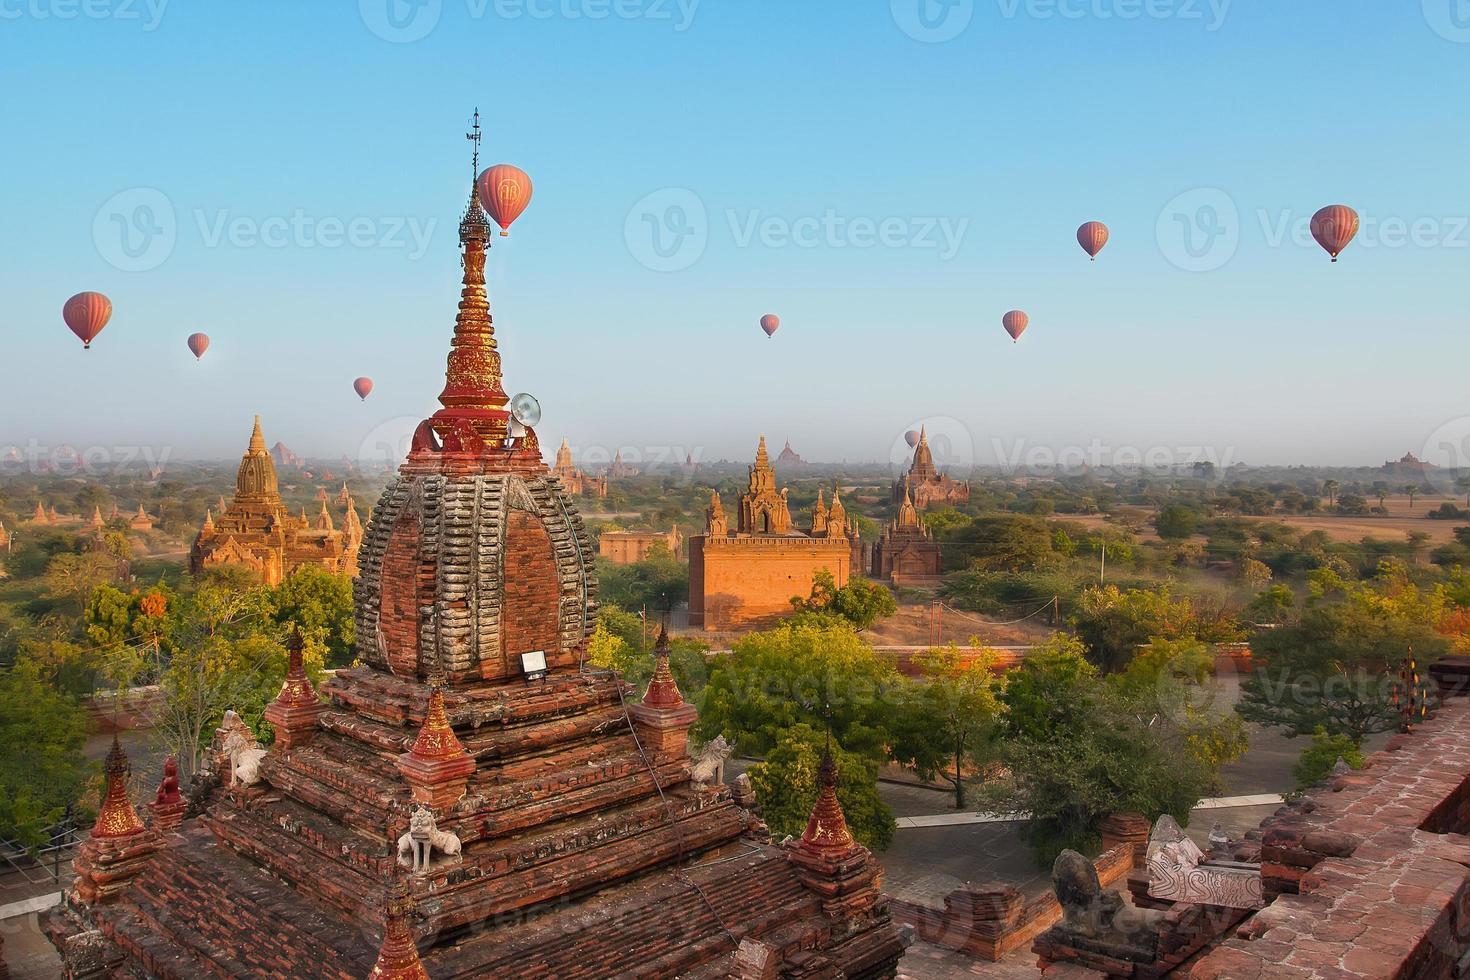 Balloon travel in Bagan, Myanmar photo